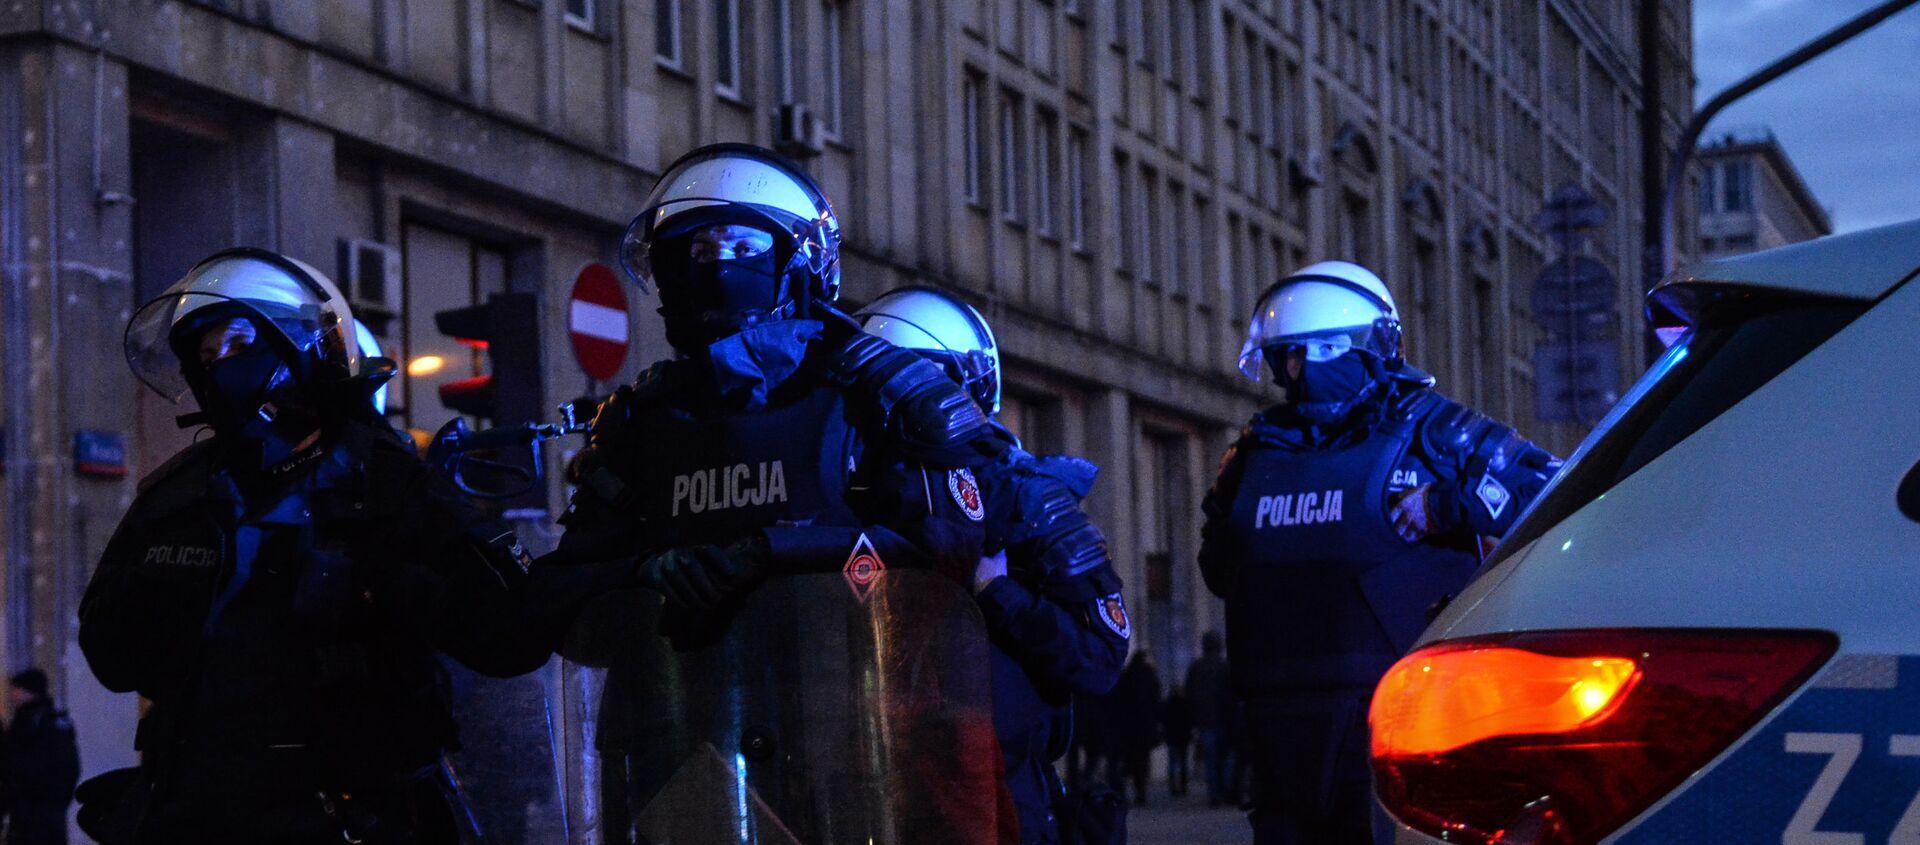 Policja w Warszawie - Sputnik Polska, 1920, 04.01.2021